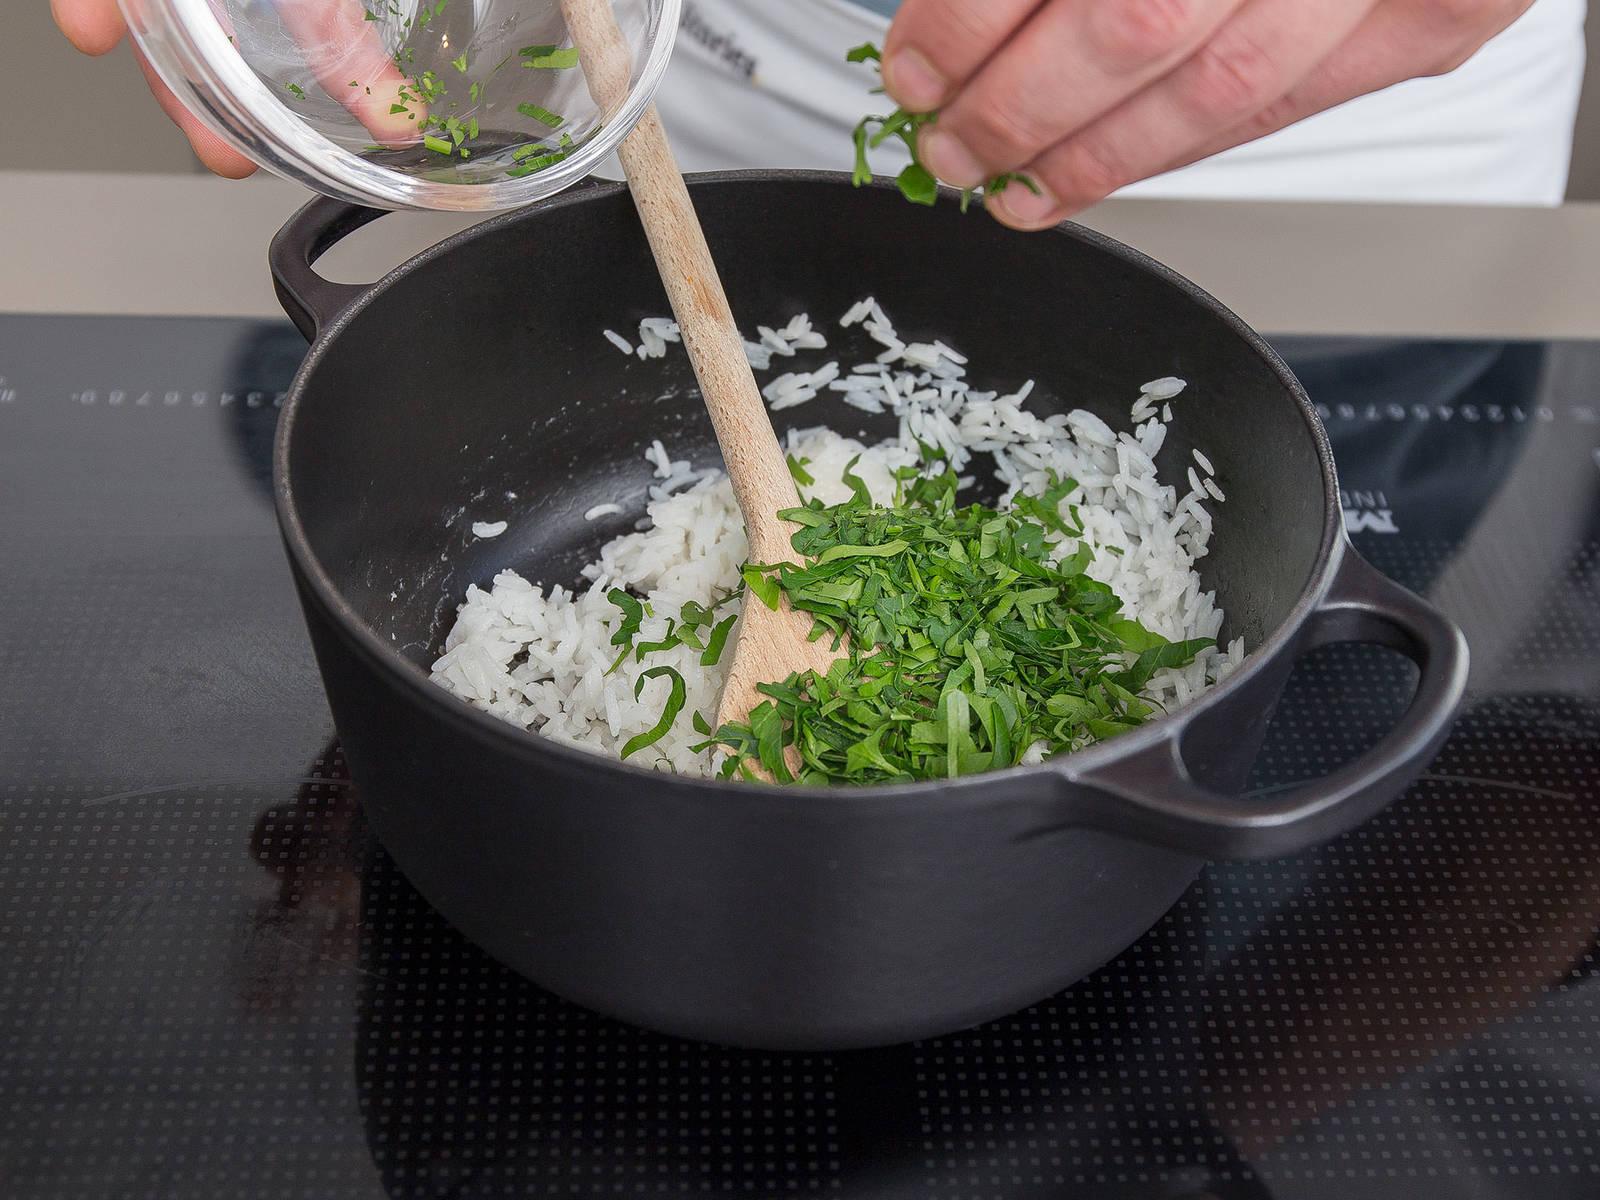 Während die Soße kocht, Reis zubereiten. Dafür Reis und Wasser in einen großen Topf geben und salzen. Aufkochen lassen, die Hitze reduzieren und ca. 12 – 15 Min. köcheln lassen, oder bis der Reis gar ist. Gehackte Petersilie unterrühren. Schweinefilet mit Sauce und Reis servieren. Guten Appetit!